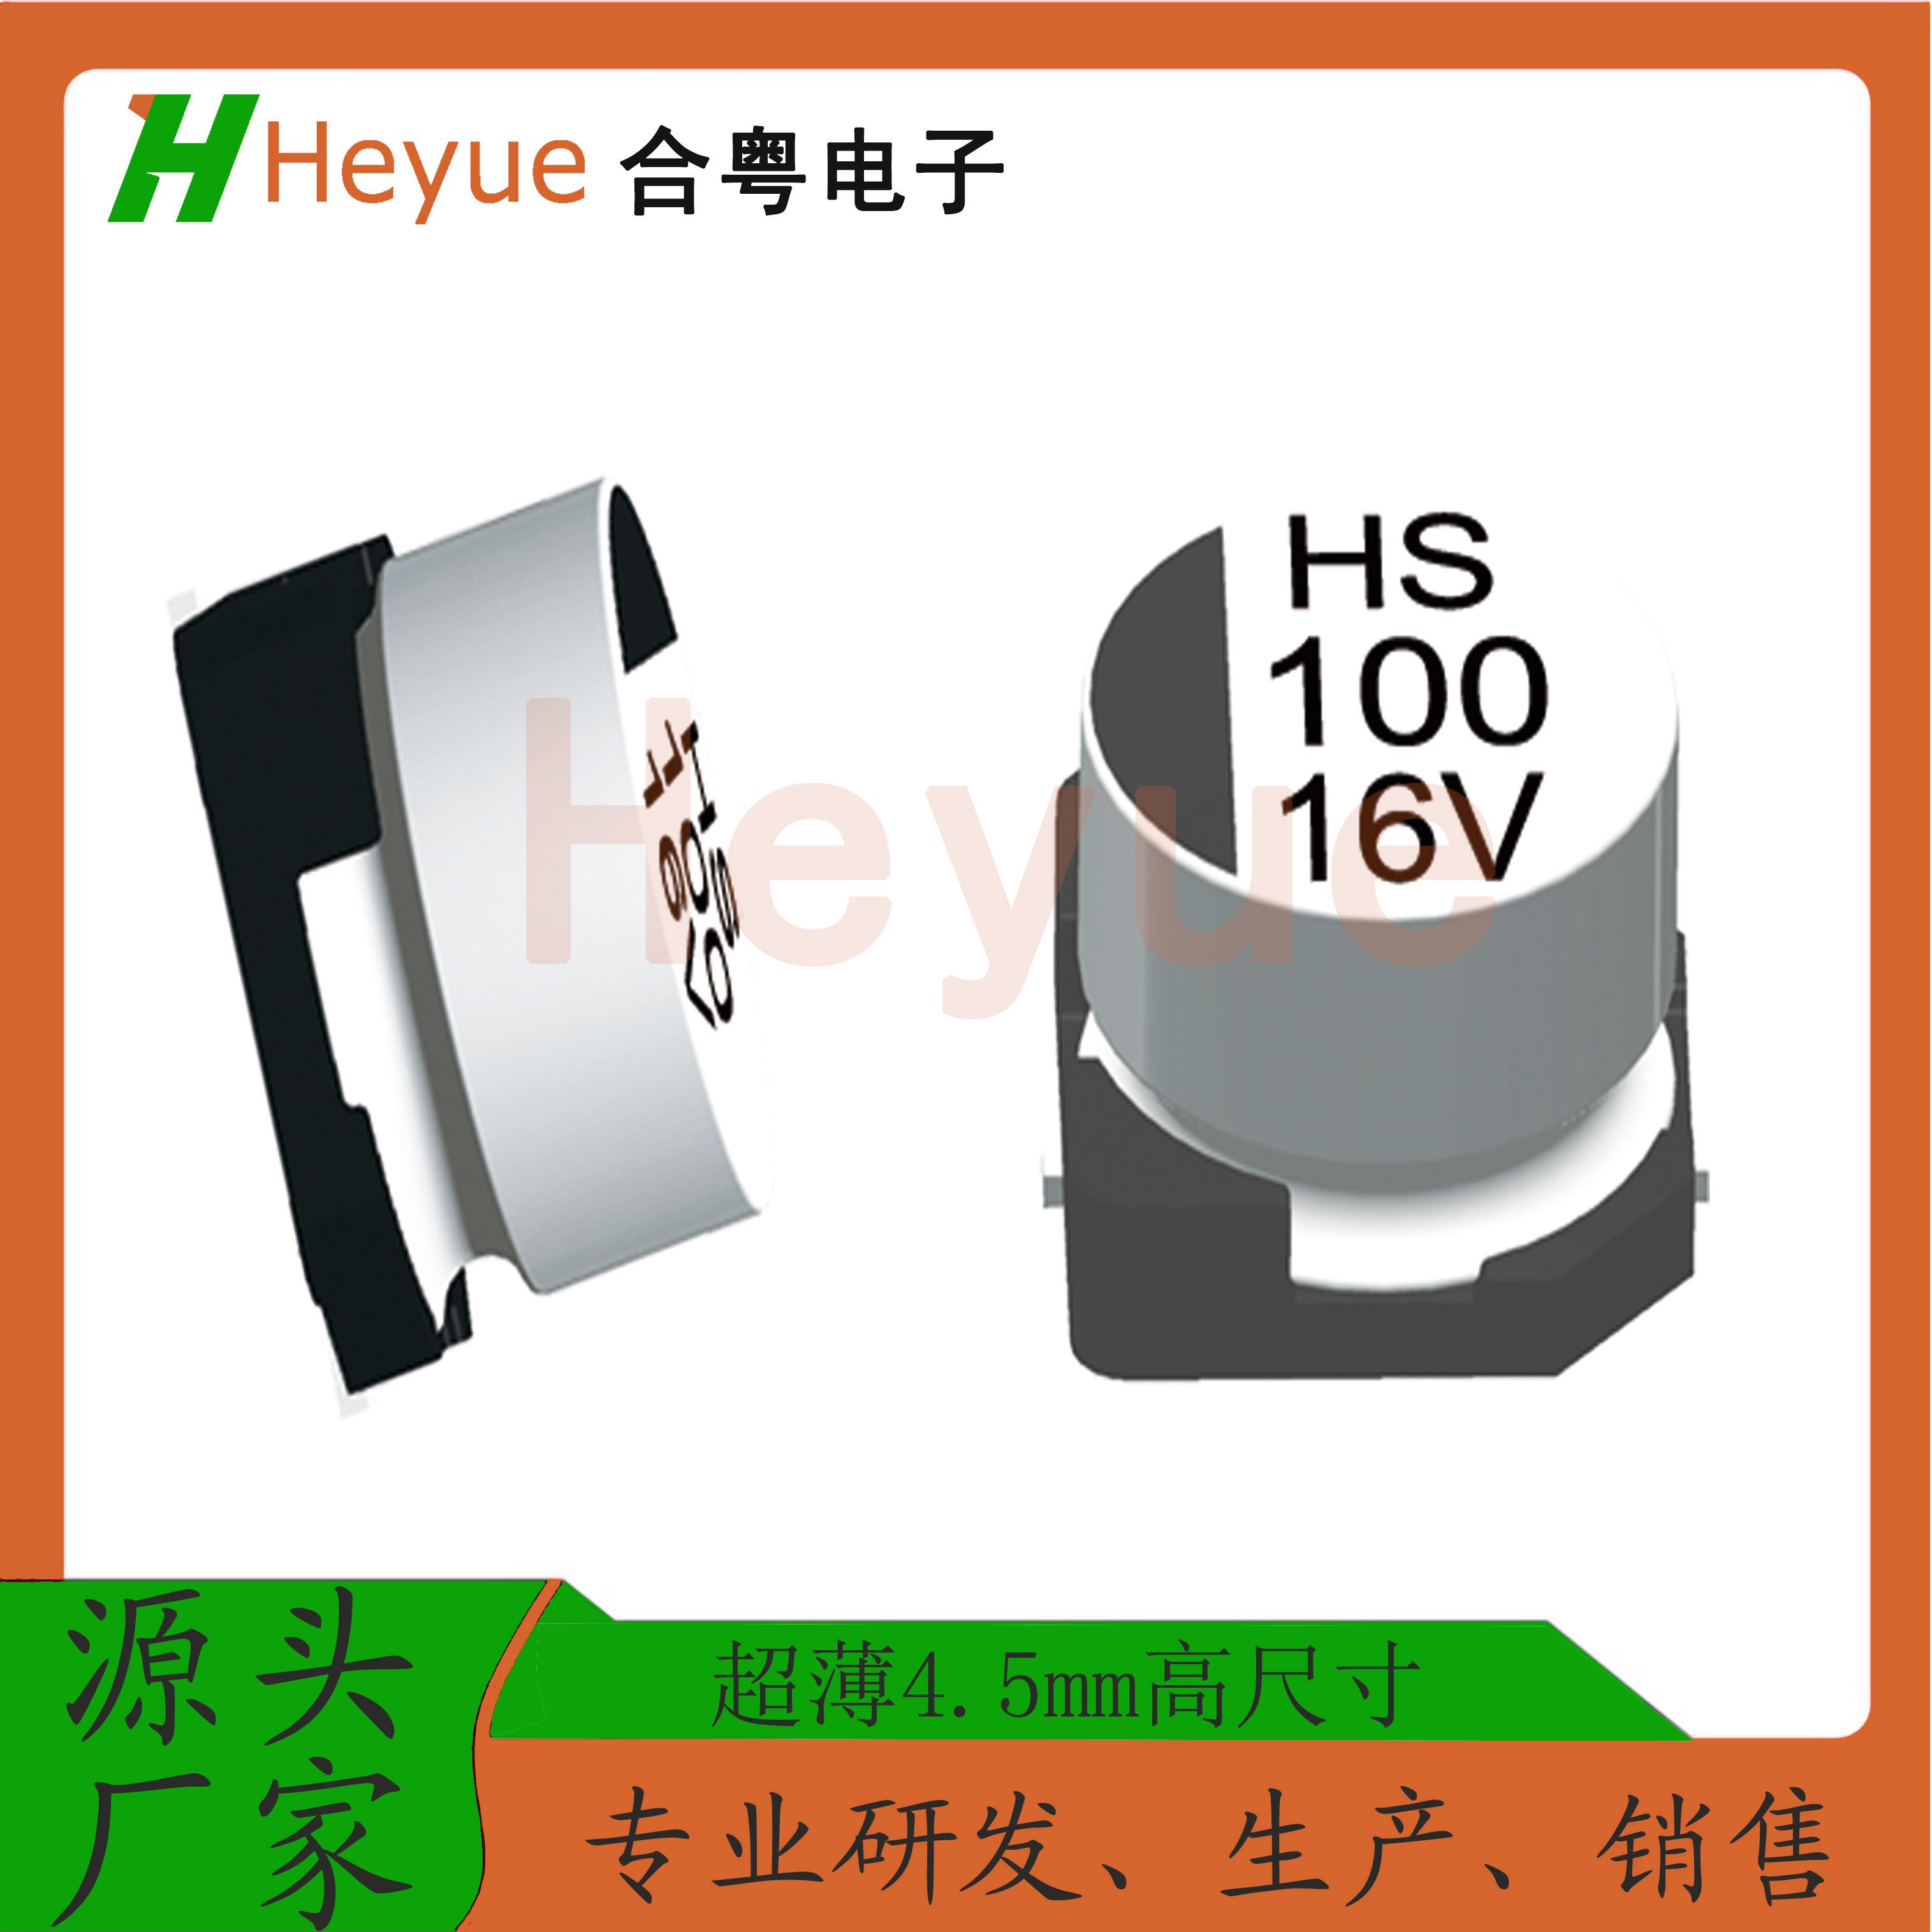 详解贴片电解电容容量与体积、使用温度与寿命